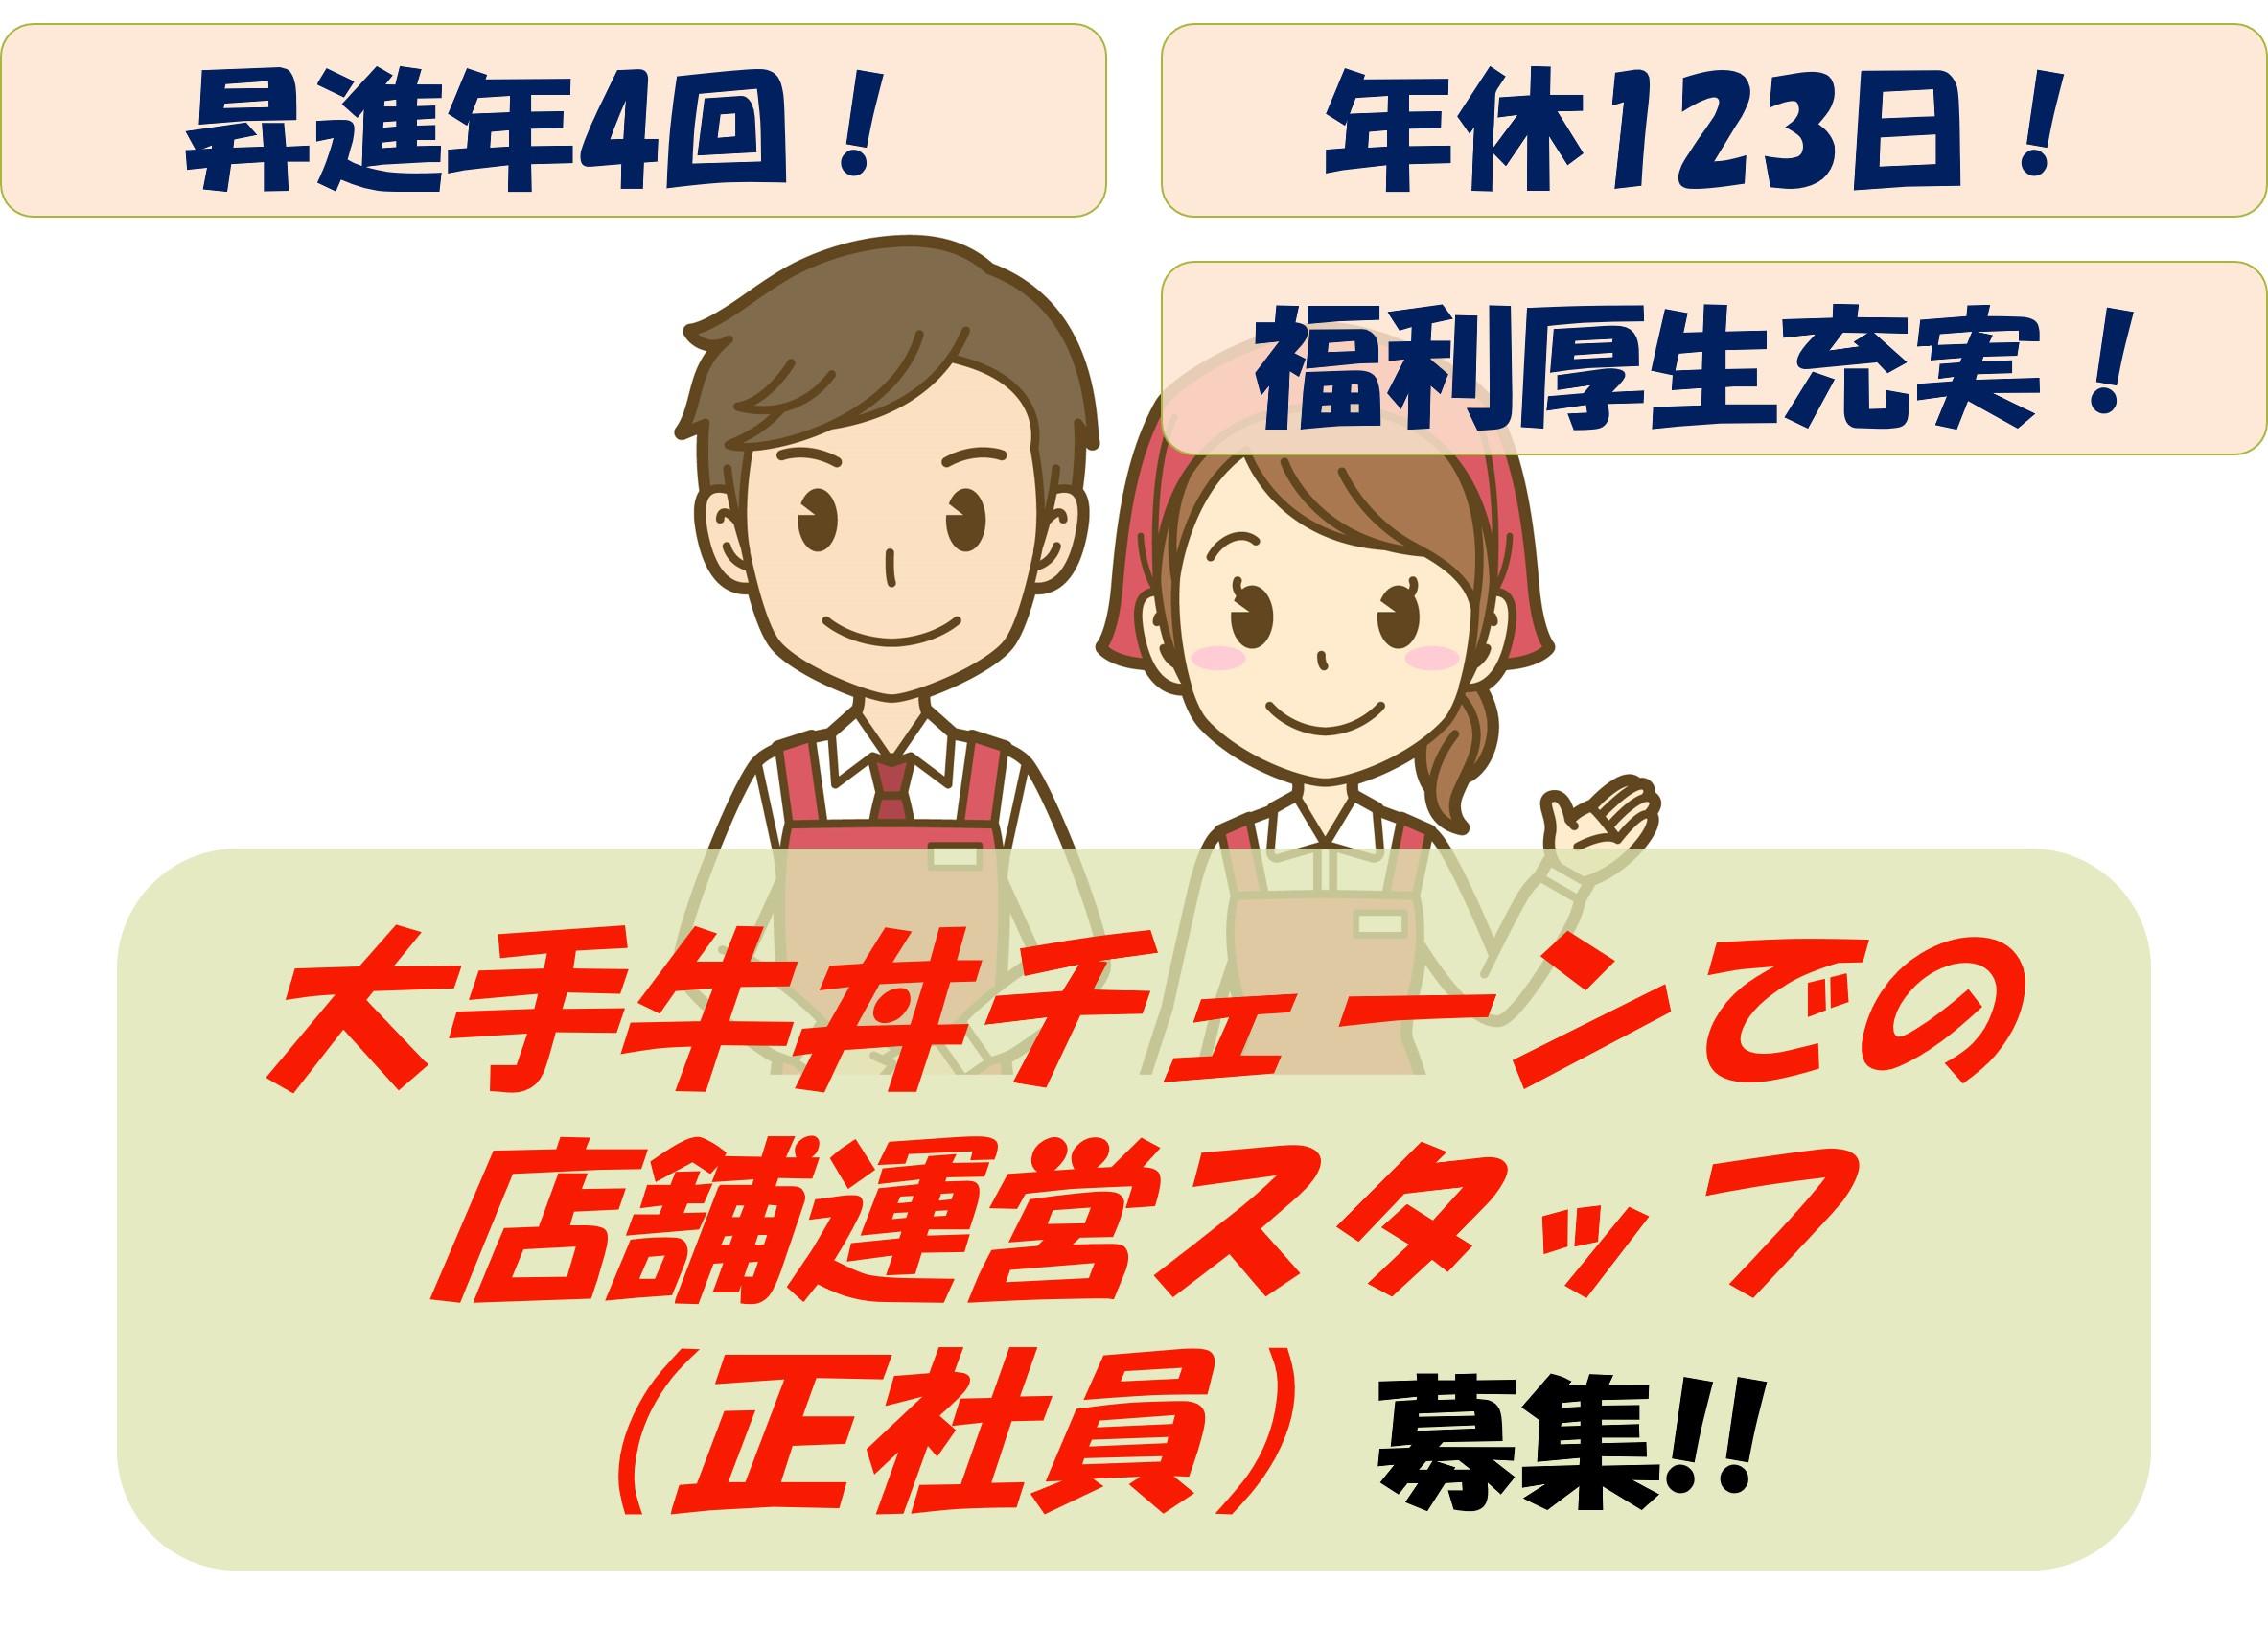 【即面談可能】昇給・賞与あり!年間休日123日!店舗運営スタッフ募集 イメージ